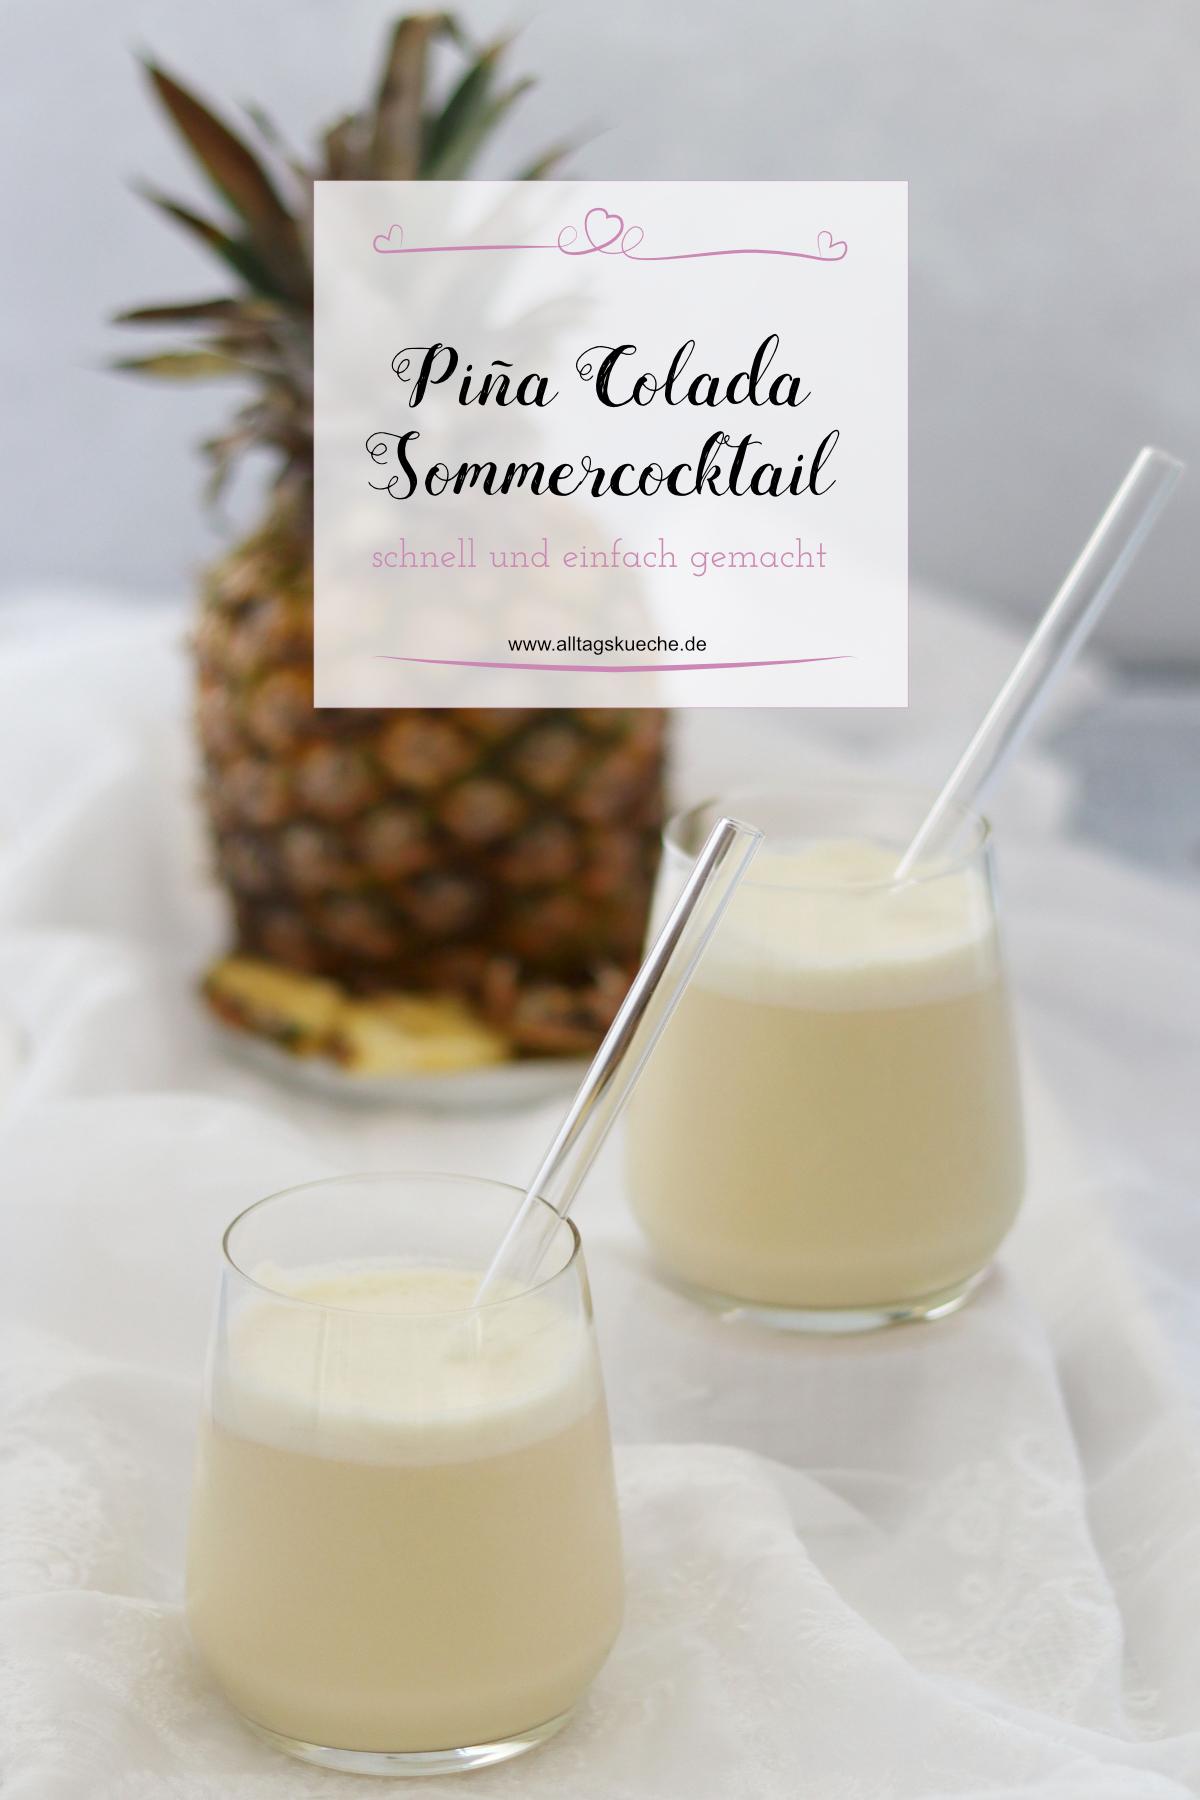 Super leckerer Piña Colada für den Sommer